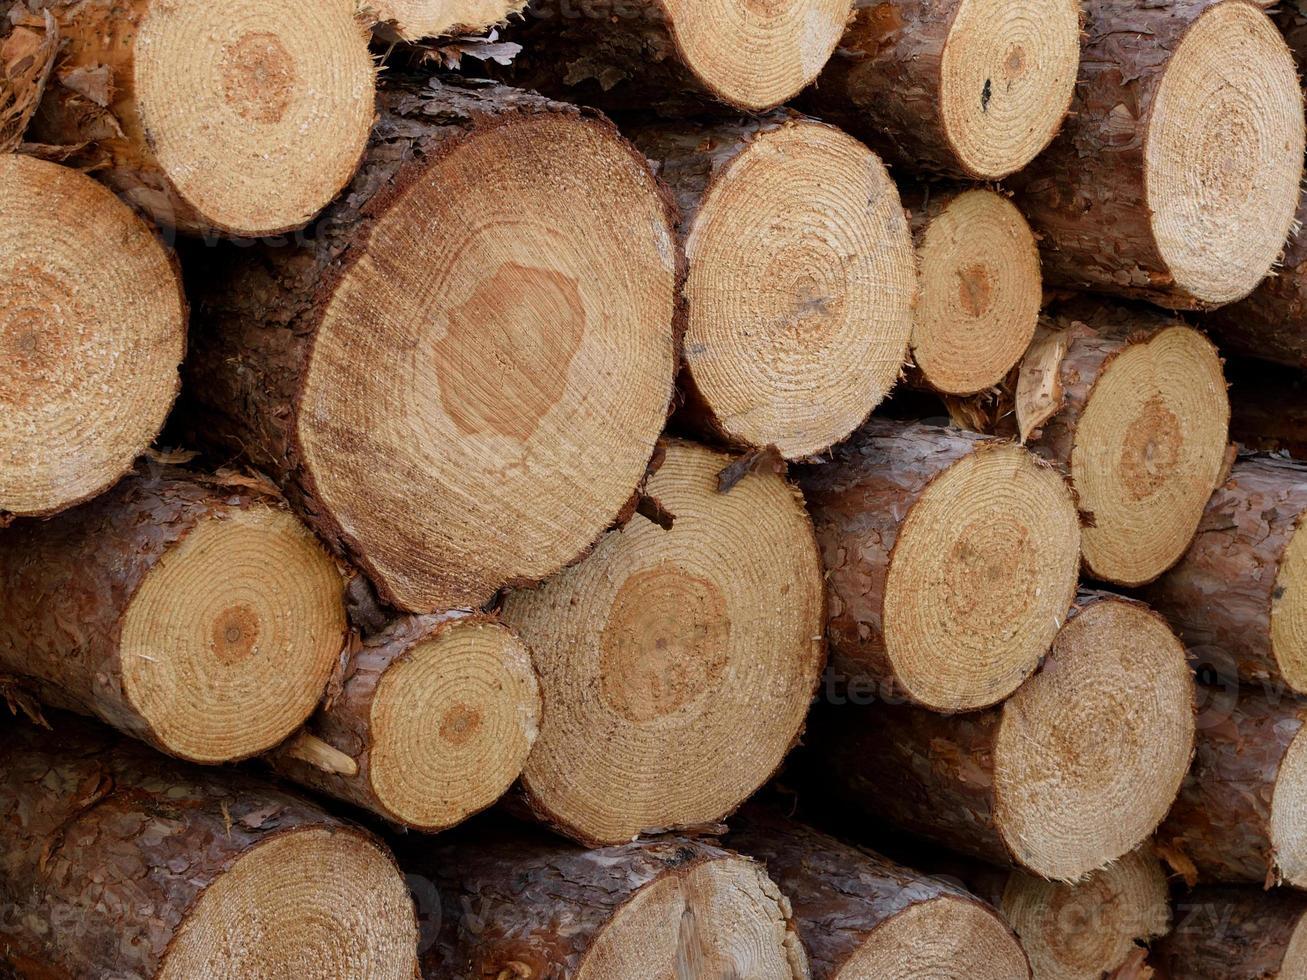 detalhe de log de pinheiro norueguês (pinus resinosa) foto